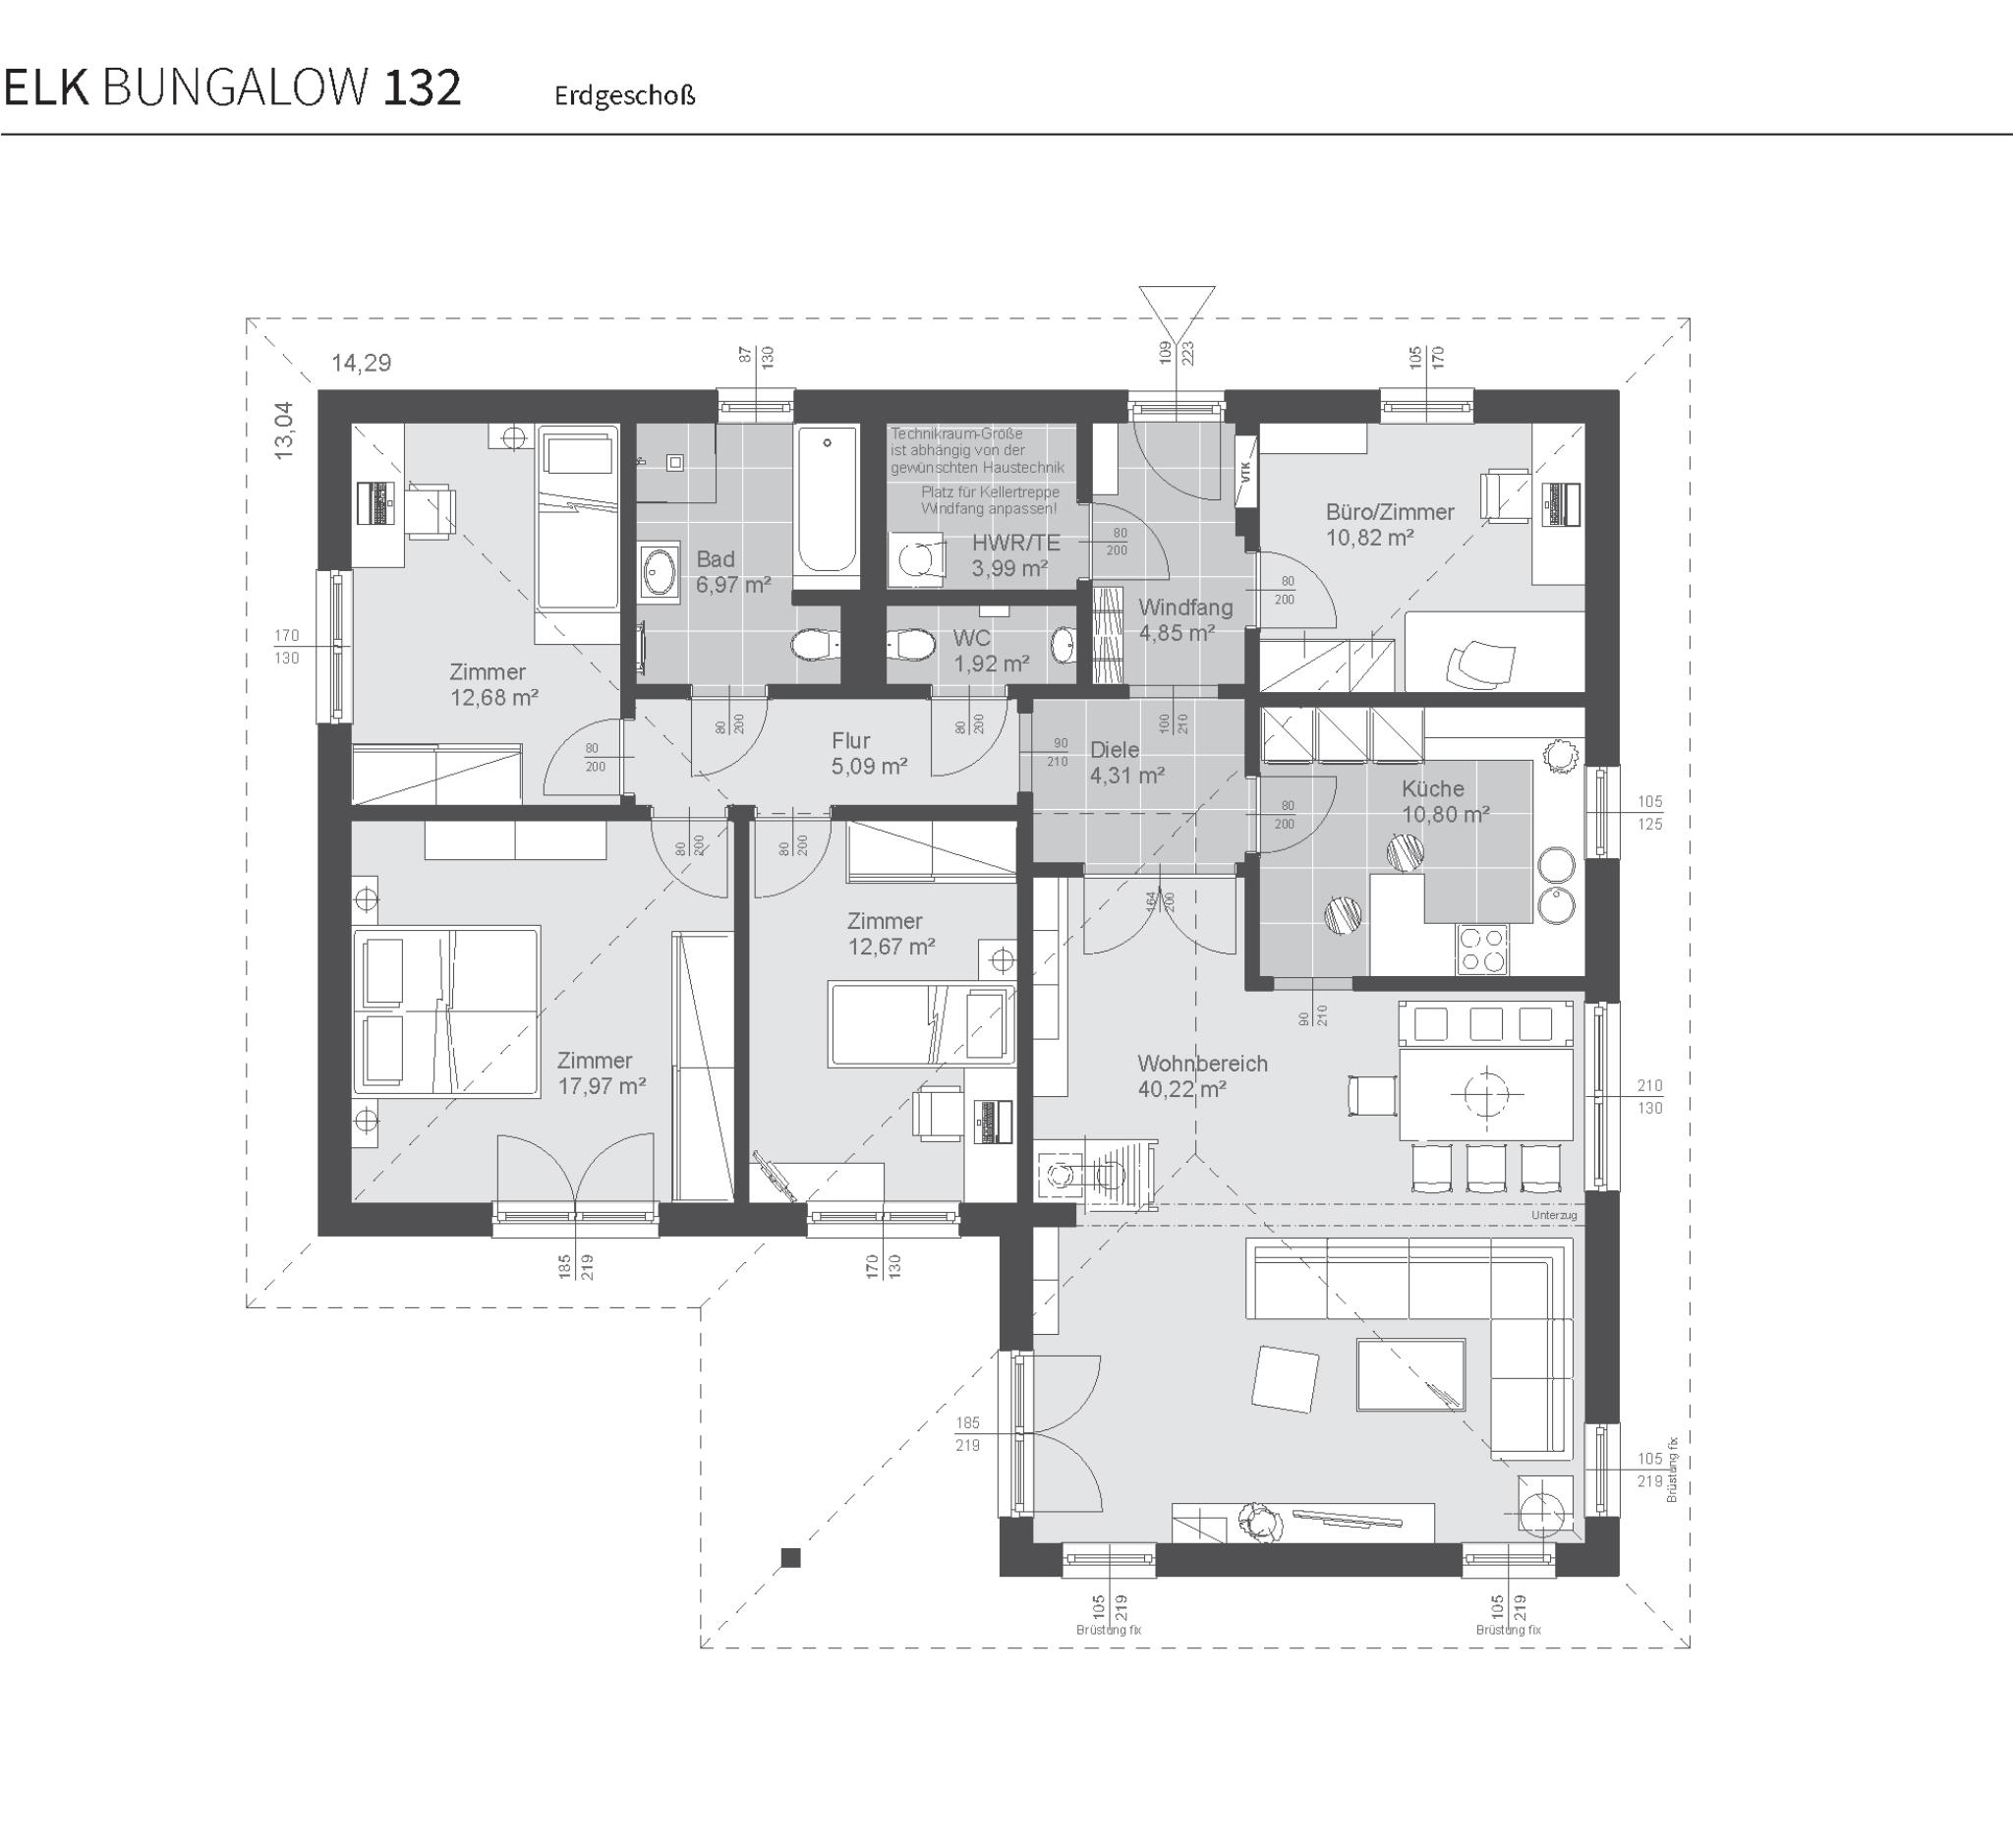 grundriss-fertighaus-elk-bungalow-132-erdgeschoss-walmdach